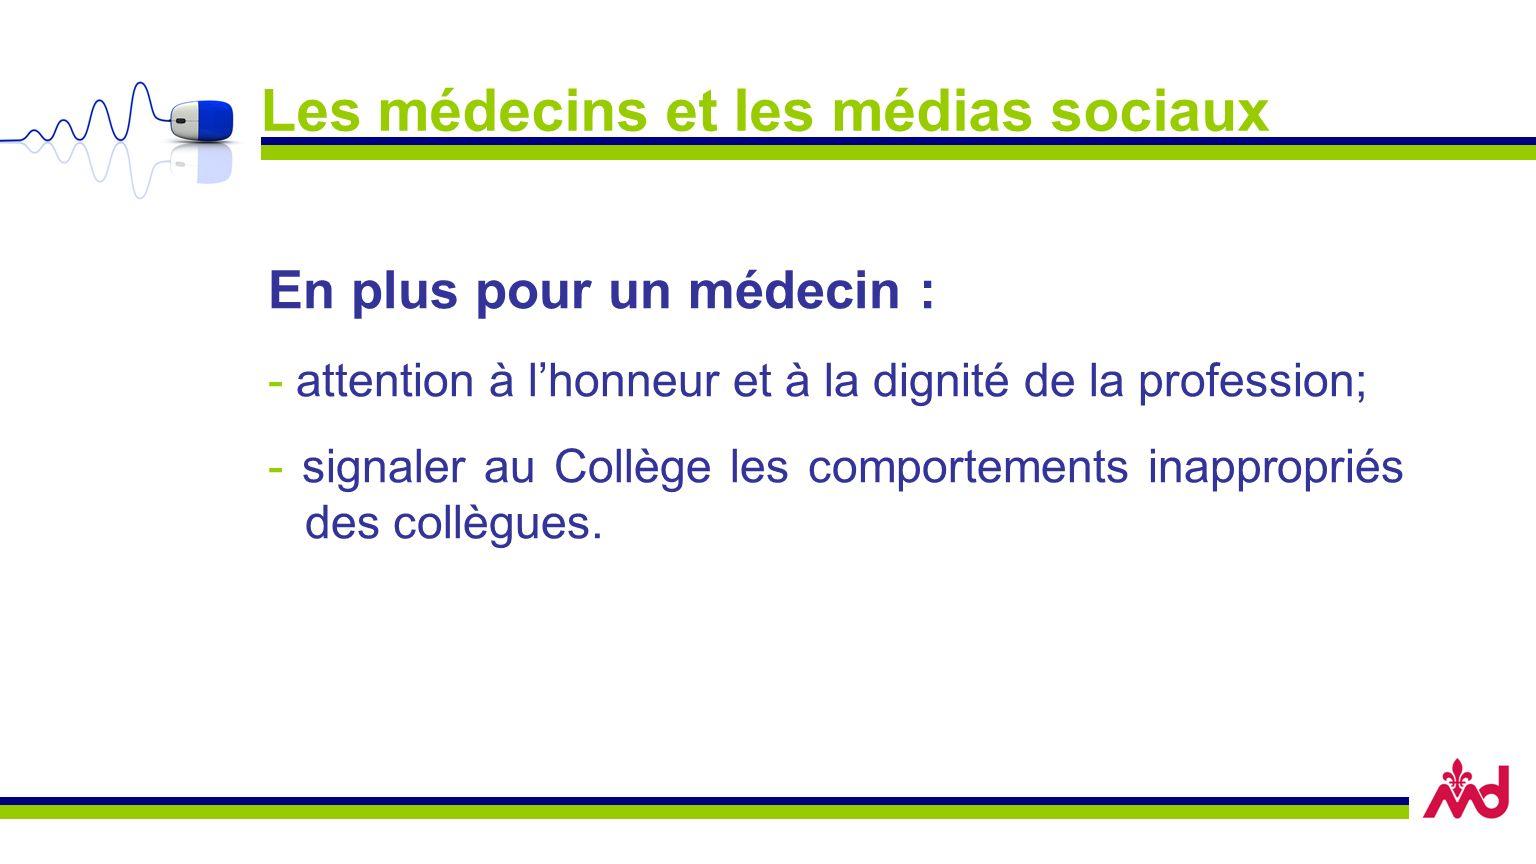 Les médecins et les médias sociaux En plus pour un médecin : - attention à lhonneur et à la dignité de la profession; - signaler au Collège les comportements inappropriés des collègues.